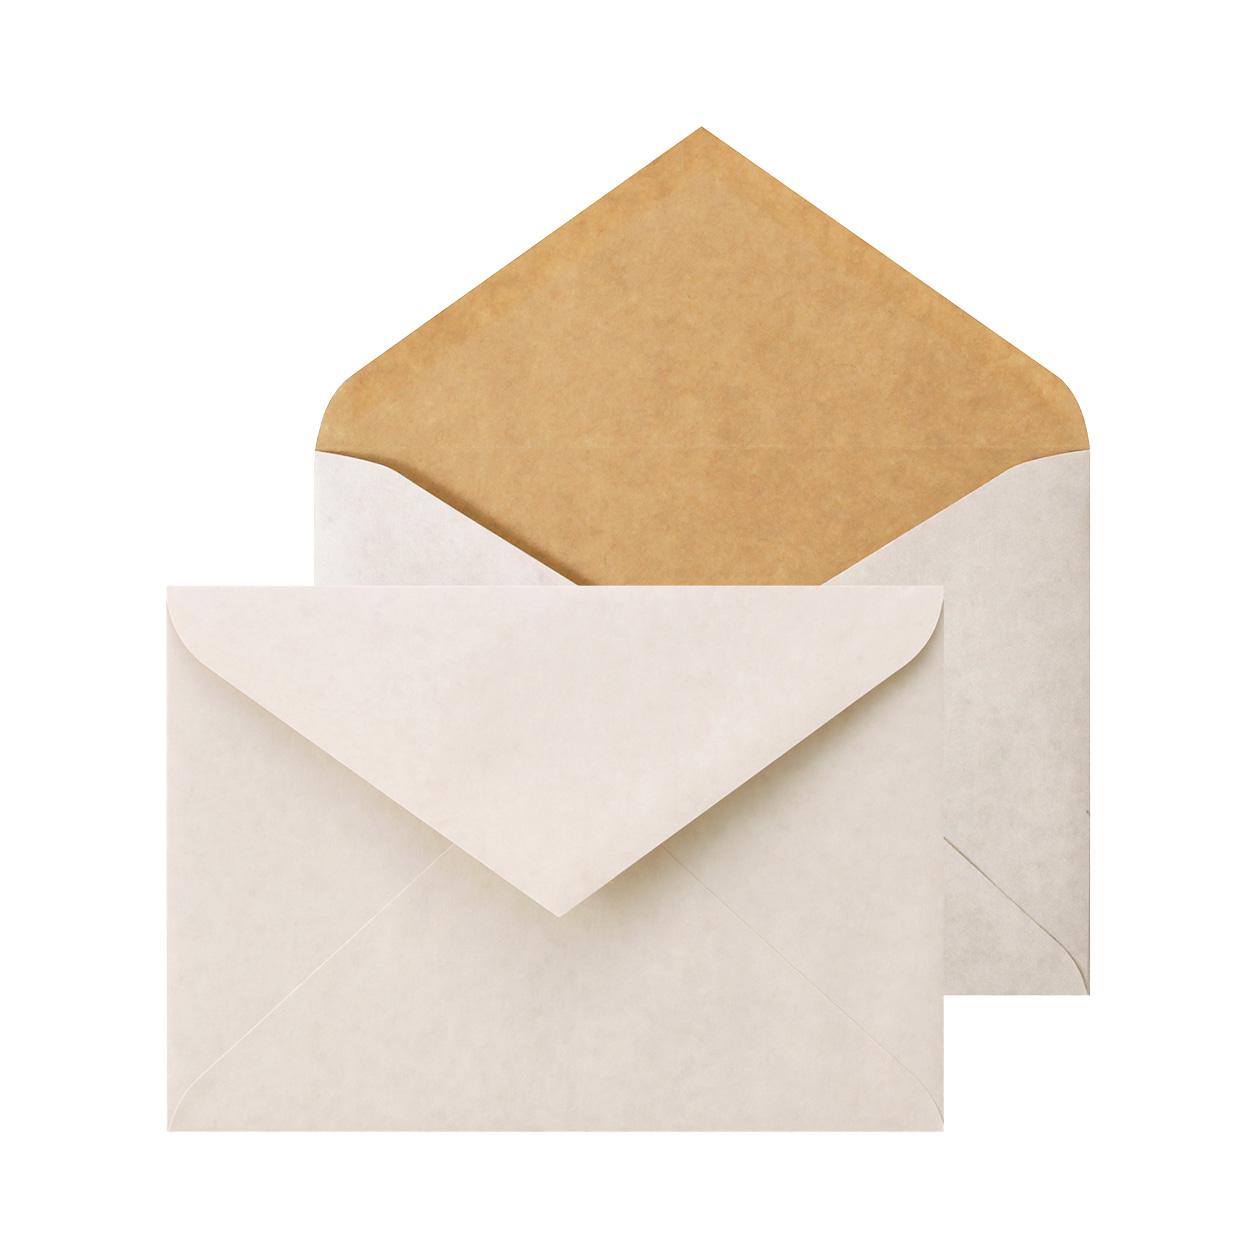 洋2ダイア封筒 ホワイトクラフト 100g